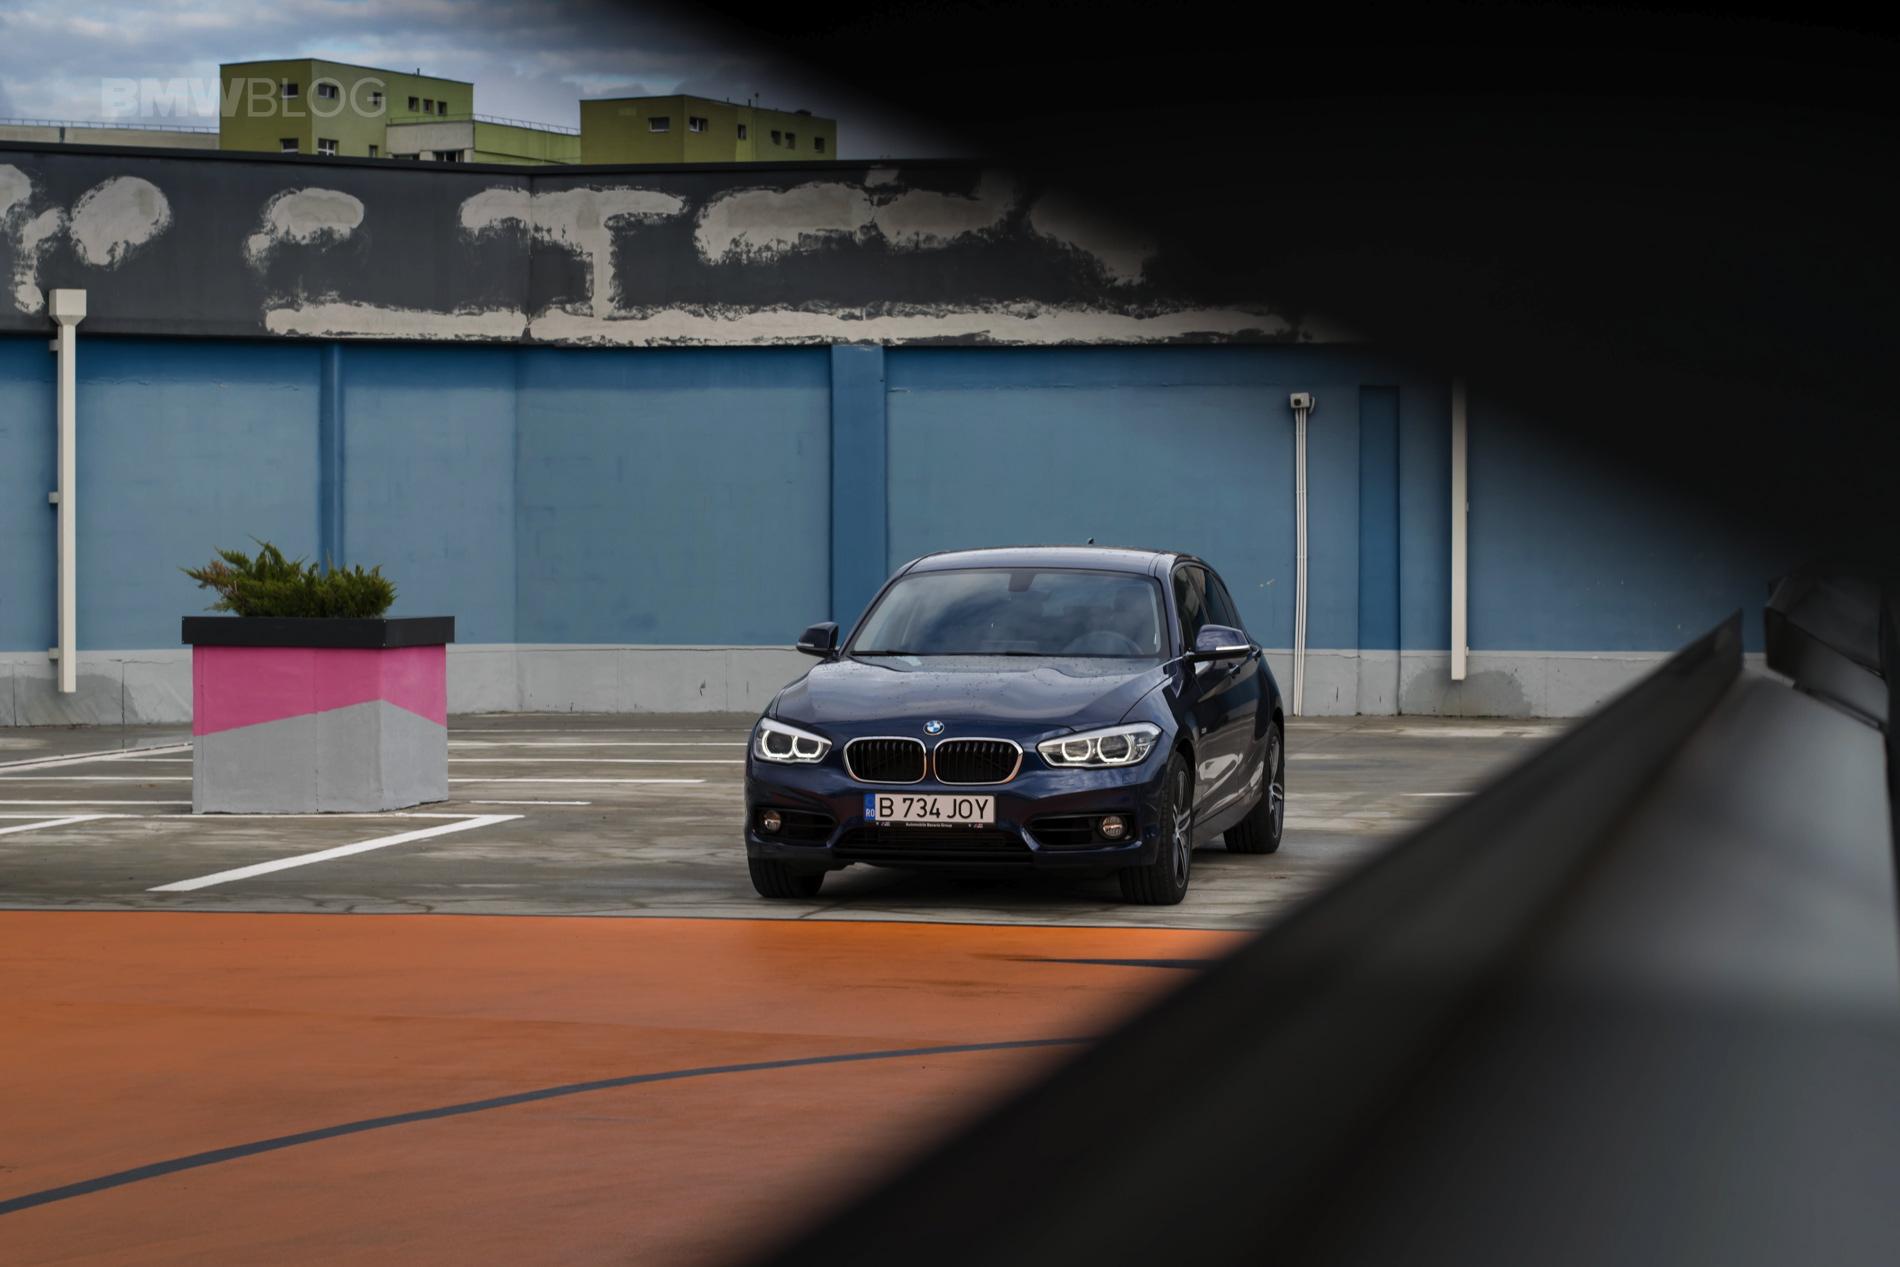 2018 BMW 118d test drive 49